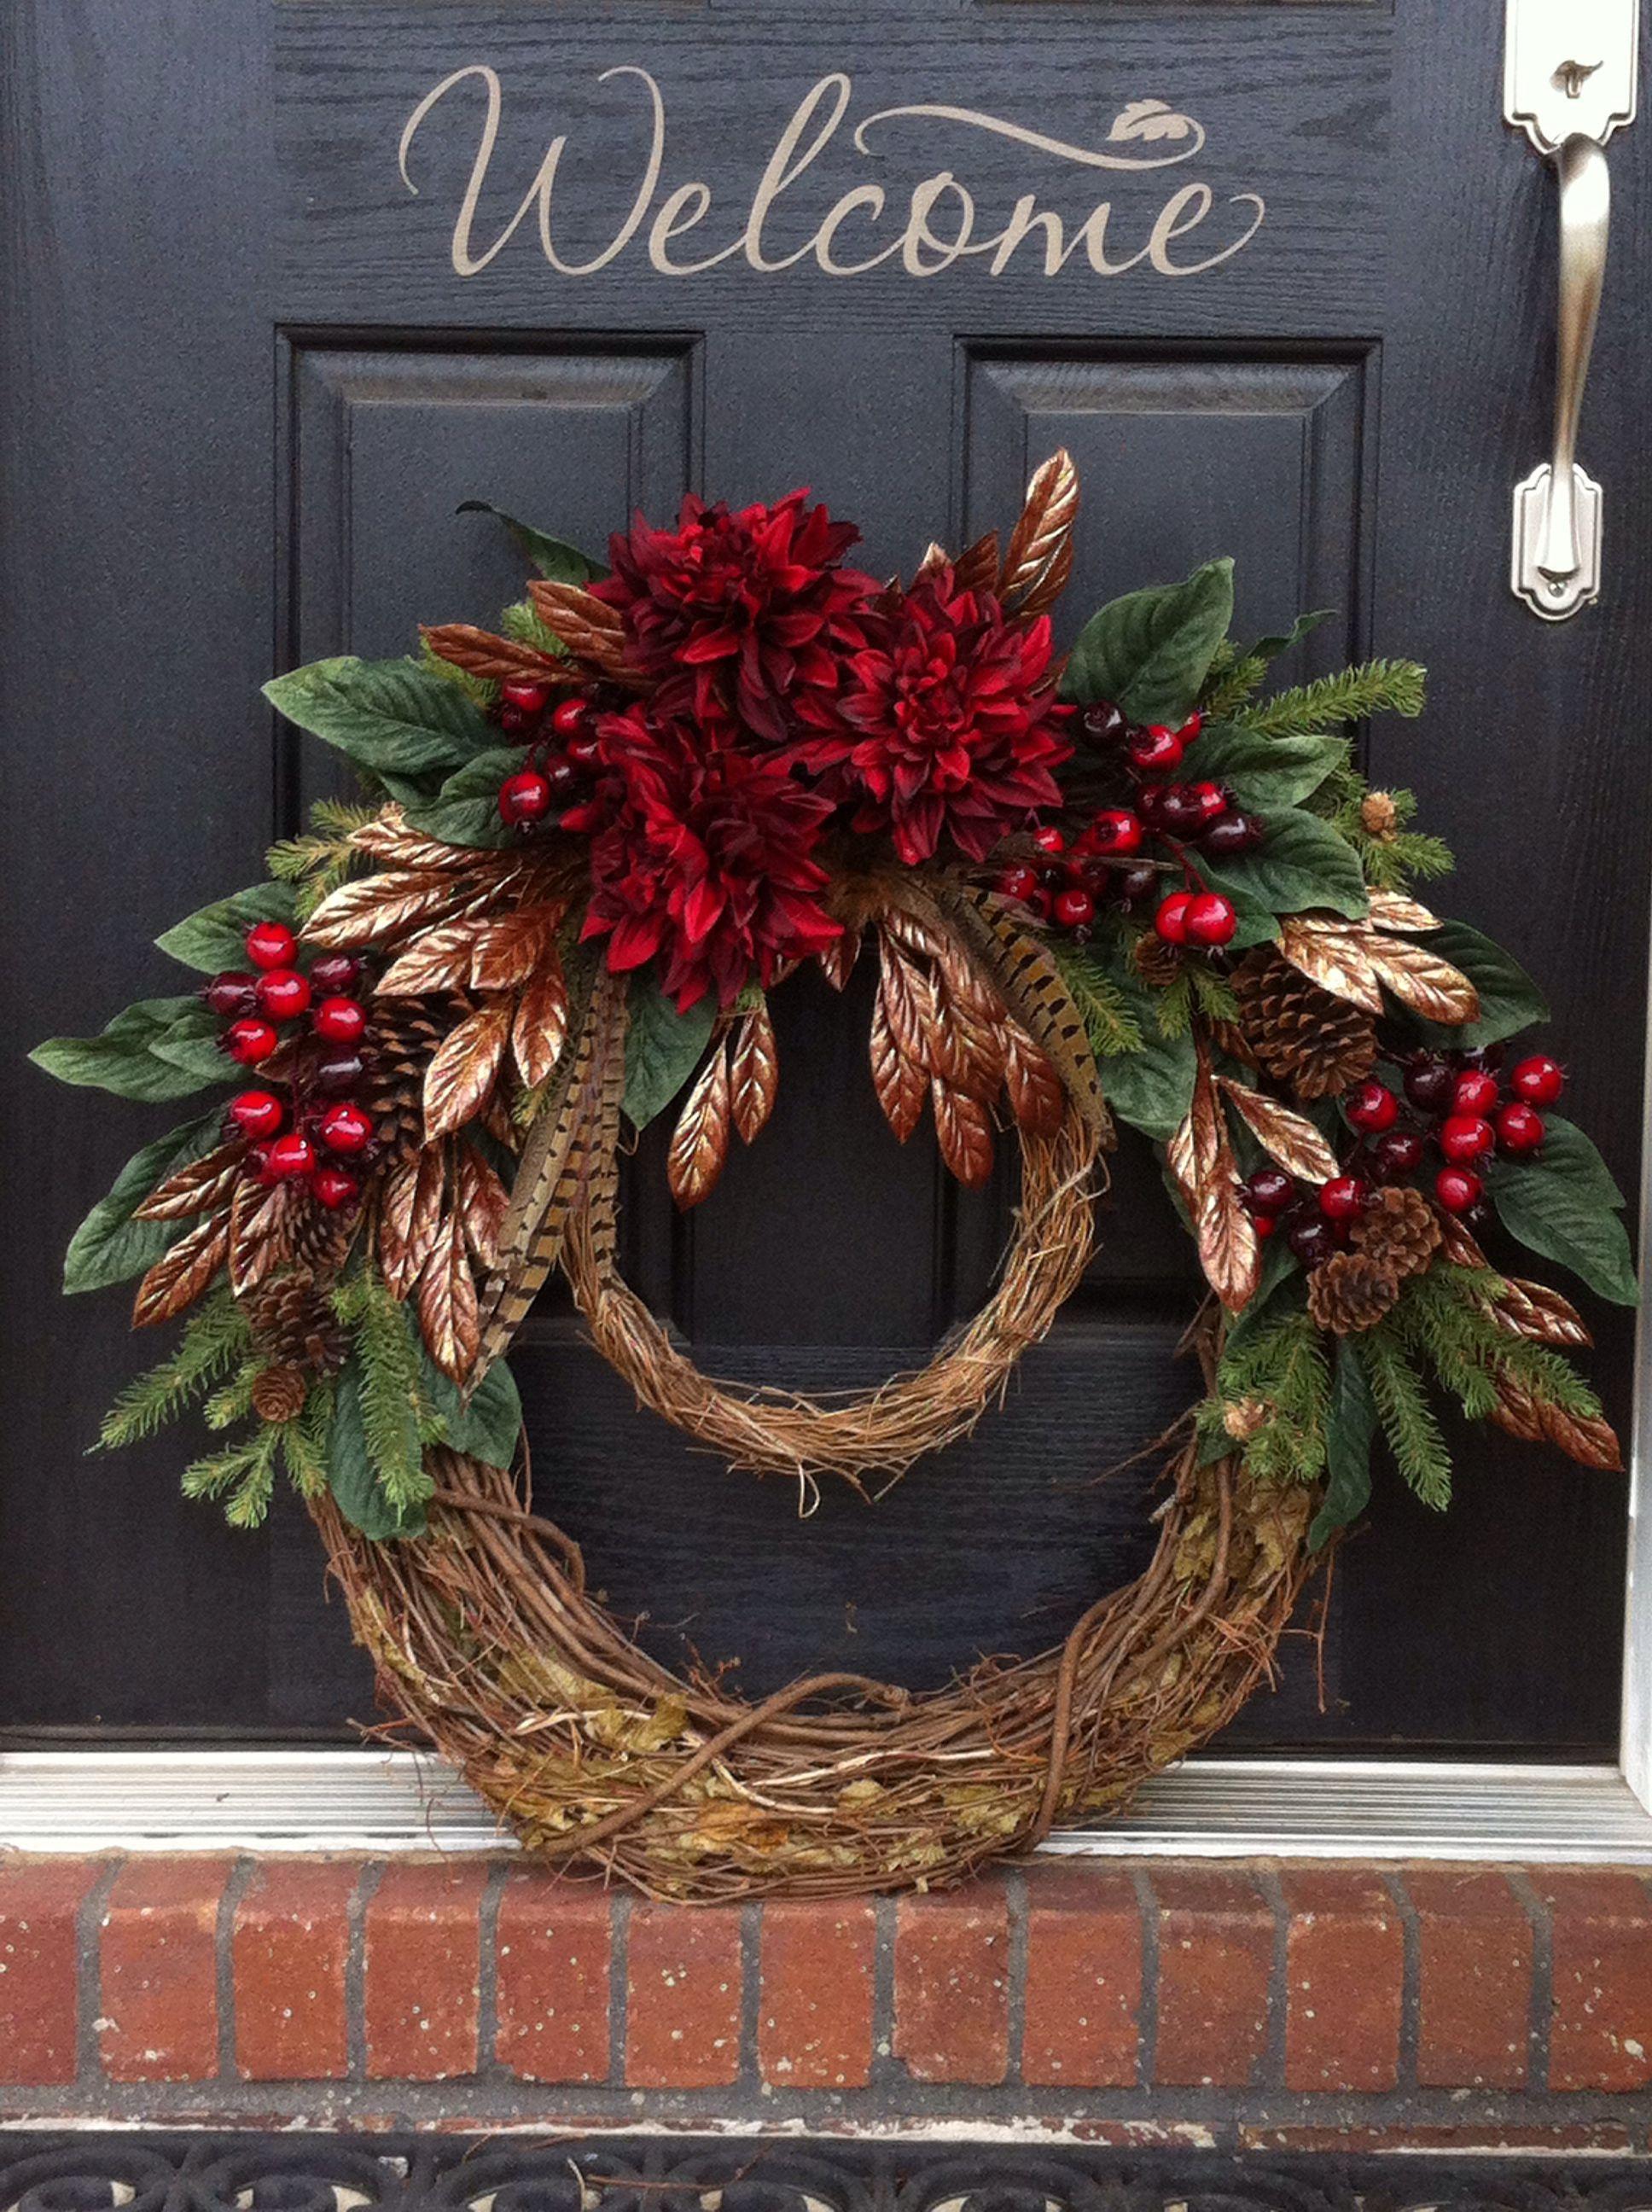 01ebefe91e76f 20 ideas para decorar tu casa esta Navidad sin gastar